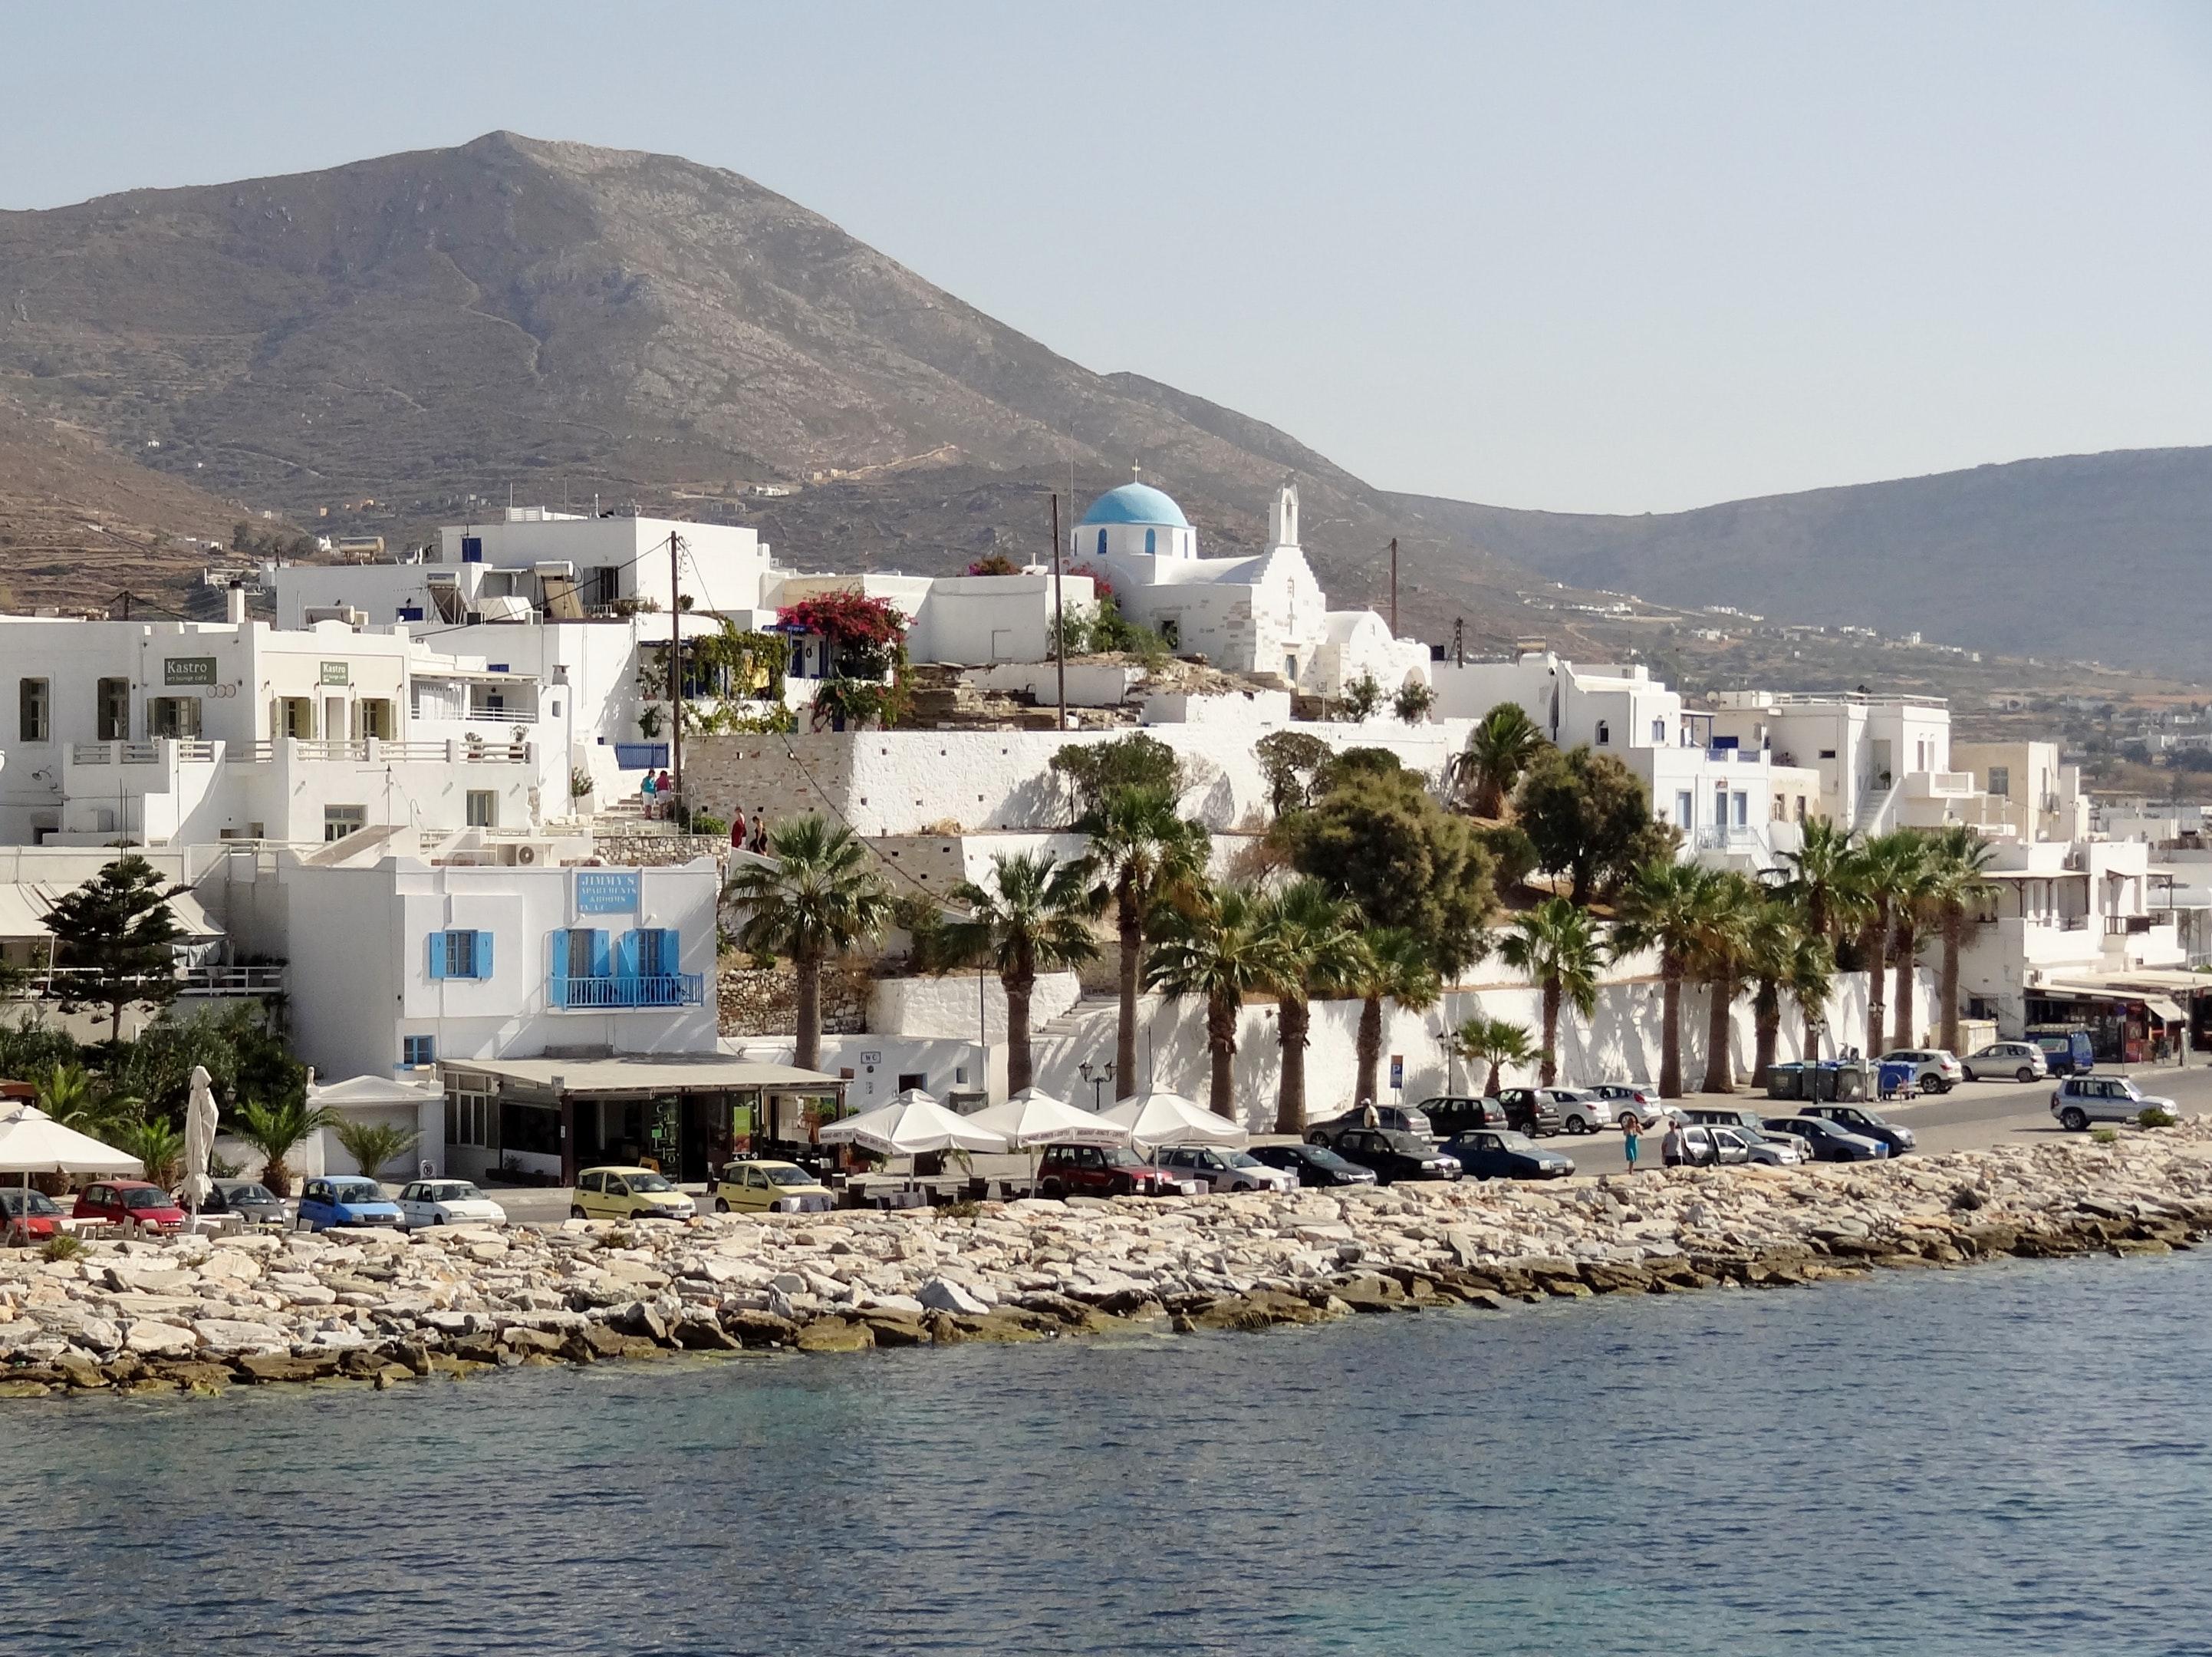 Holiday house Villa mit 3 Schlafzimmern in Paros mit herrlichem Meerblick, Pool und W-LAN - 1 km vom Str (2201537), Paros, Paros, Cyclades, Greece, picture 16